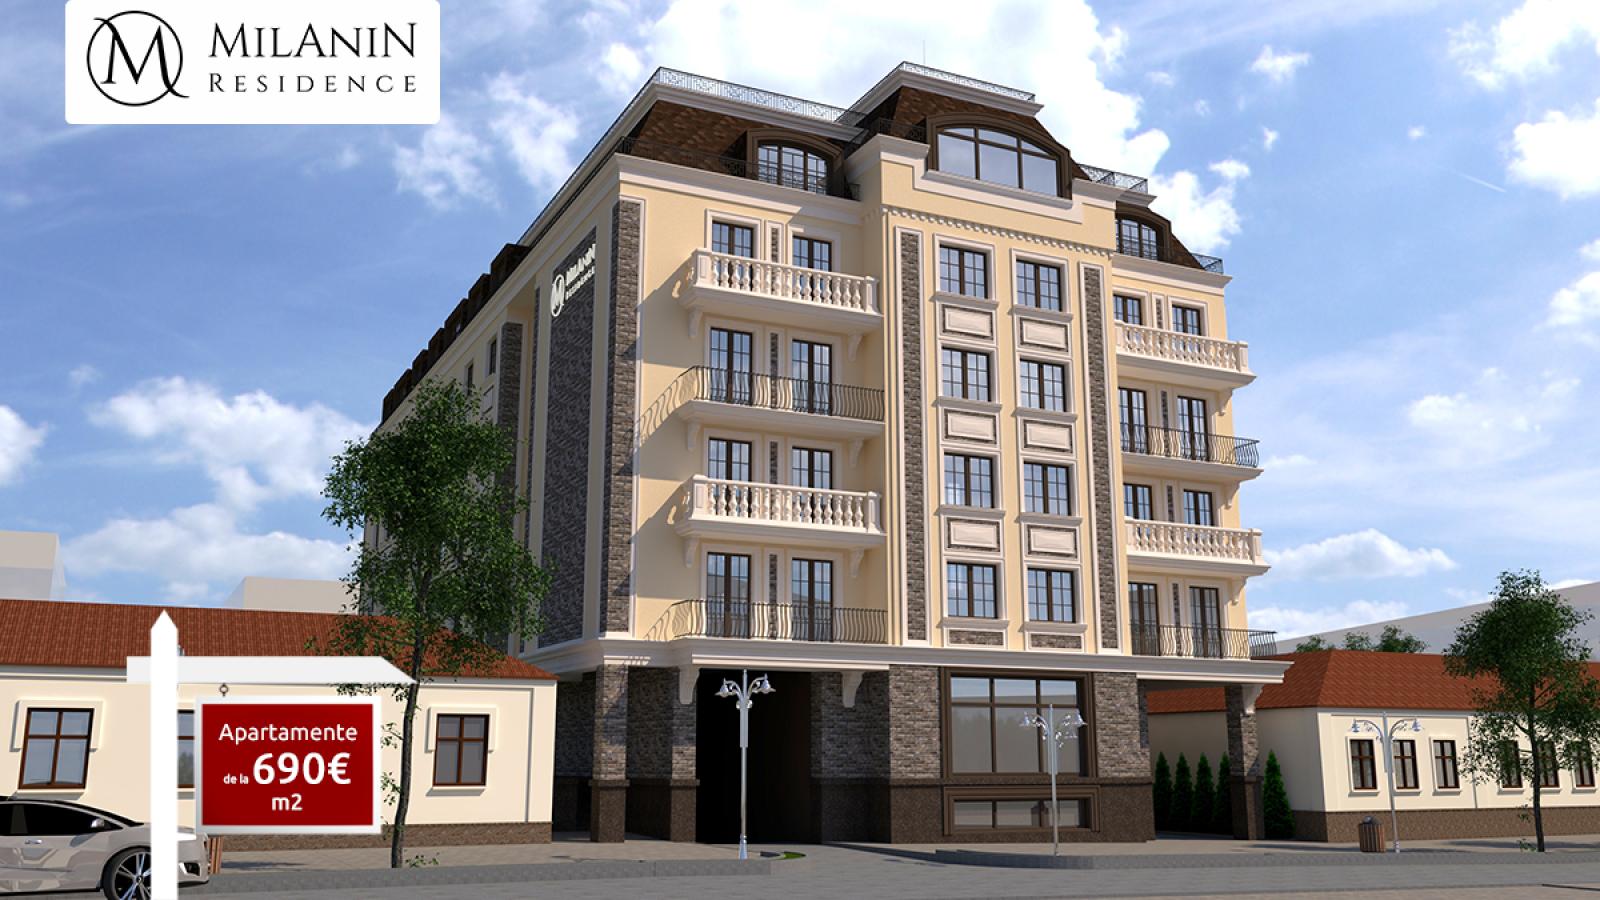 Apartamente în Complexul Milanin Residence de la 690€/m2